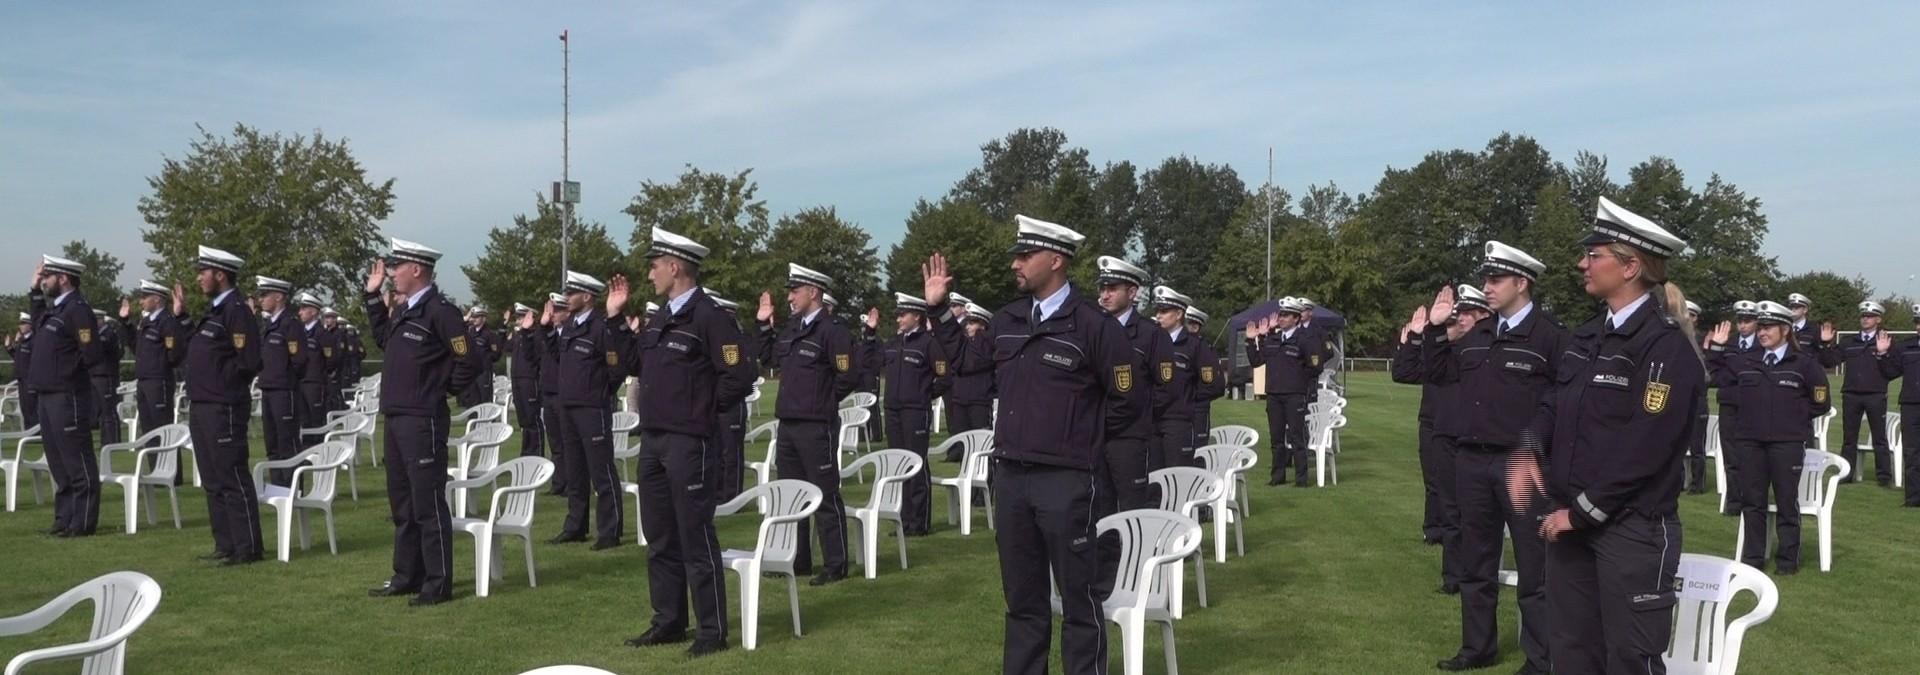 Neue Polizeimeisteranwärter feierlich vereidigt